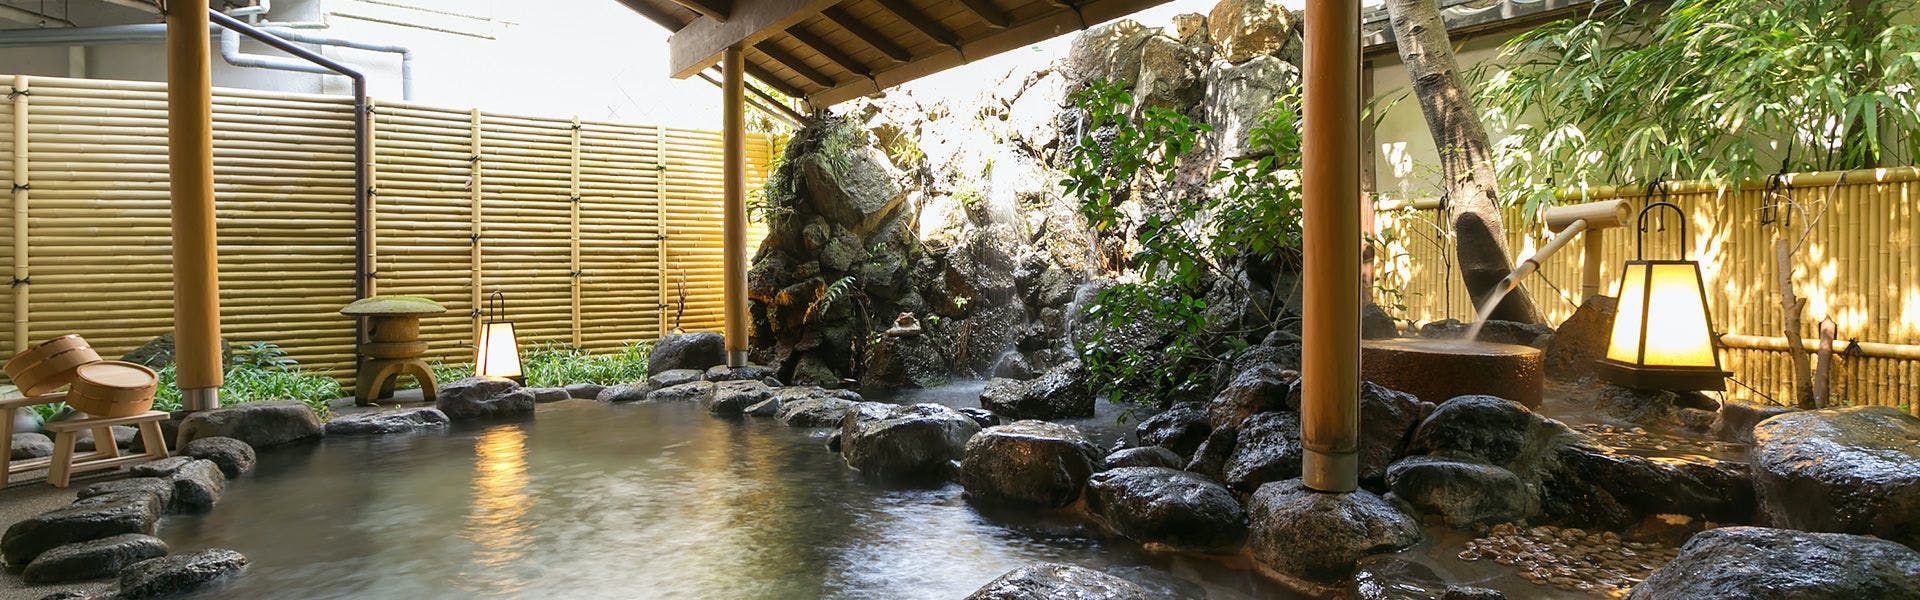 記念日におすすめのホテル・箱根湯本温泉 喜仙荘の写真3